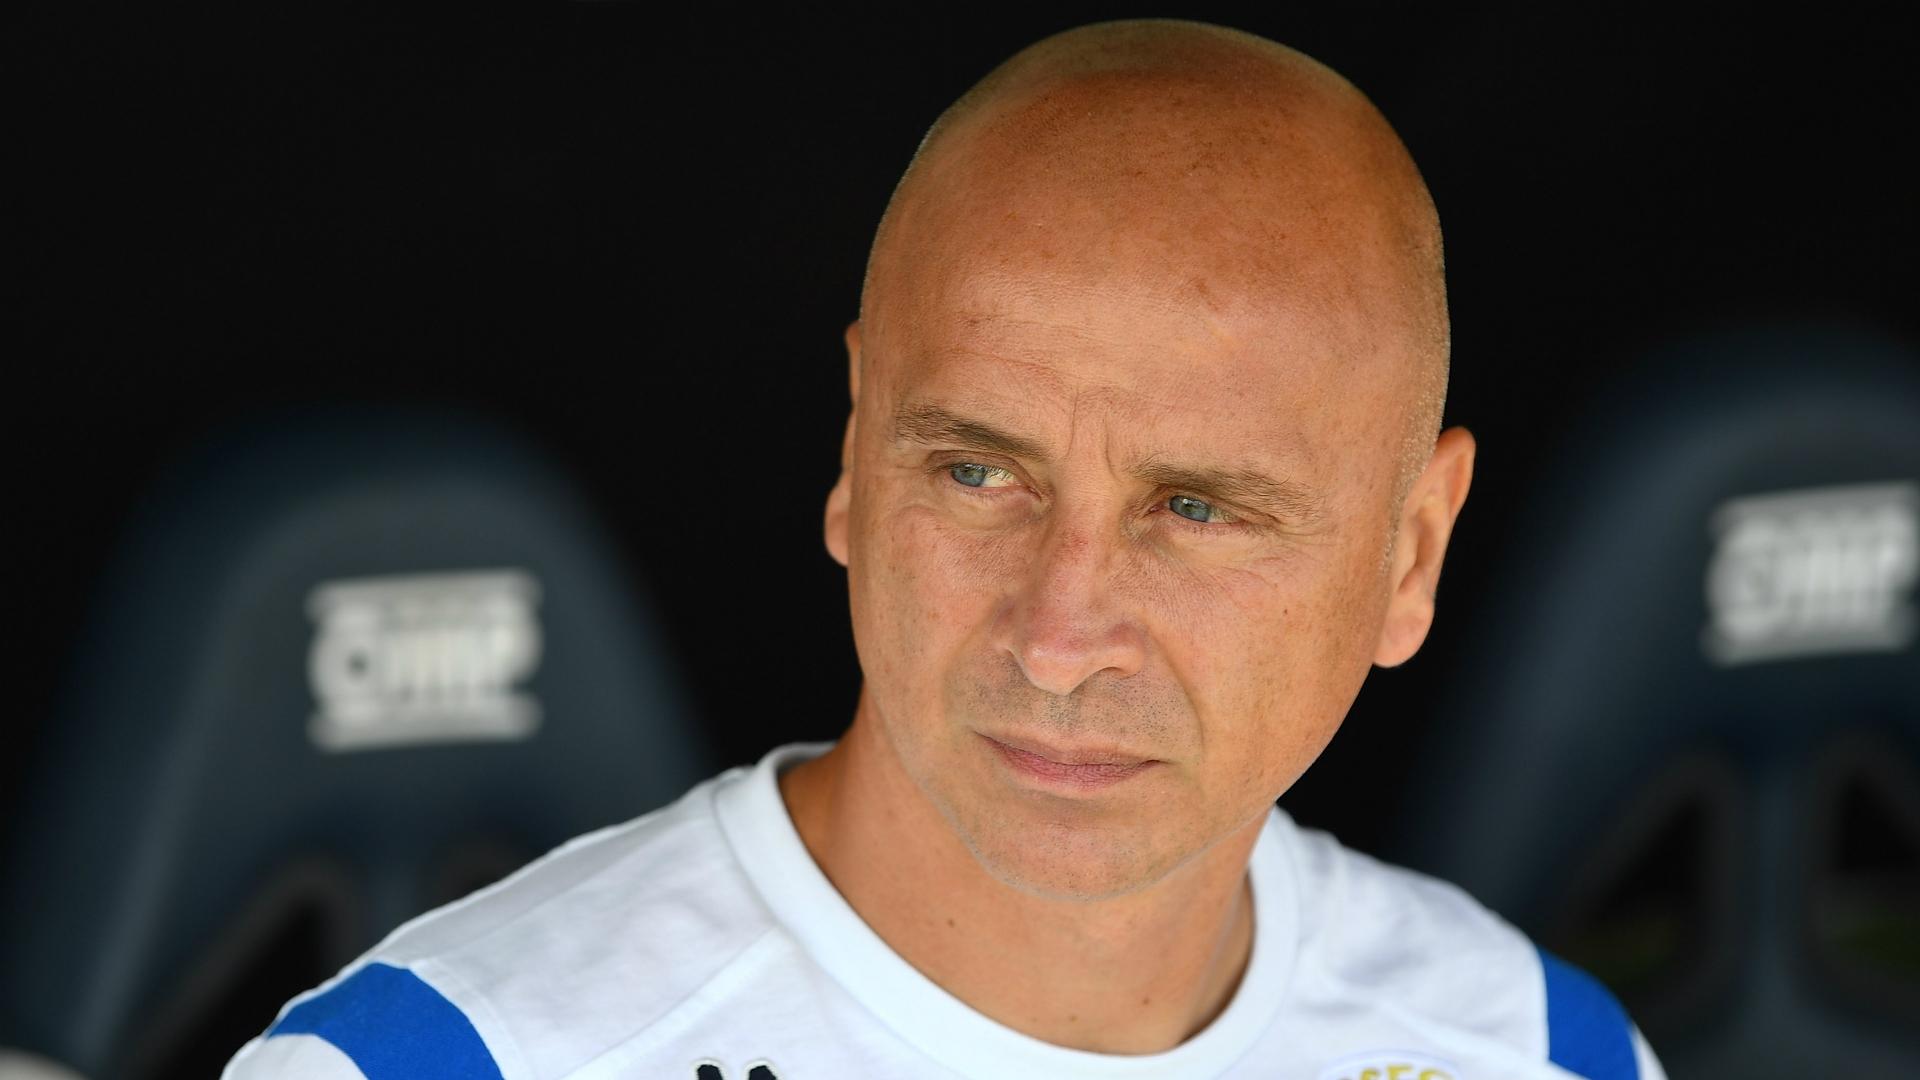 Corini farewell to Brescia squad - Bóng Đá